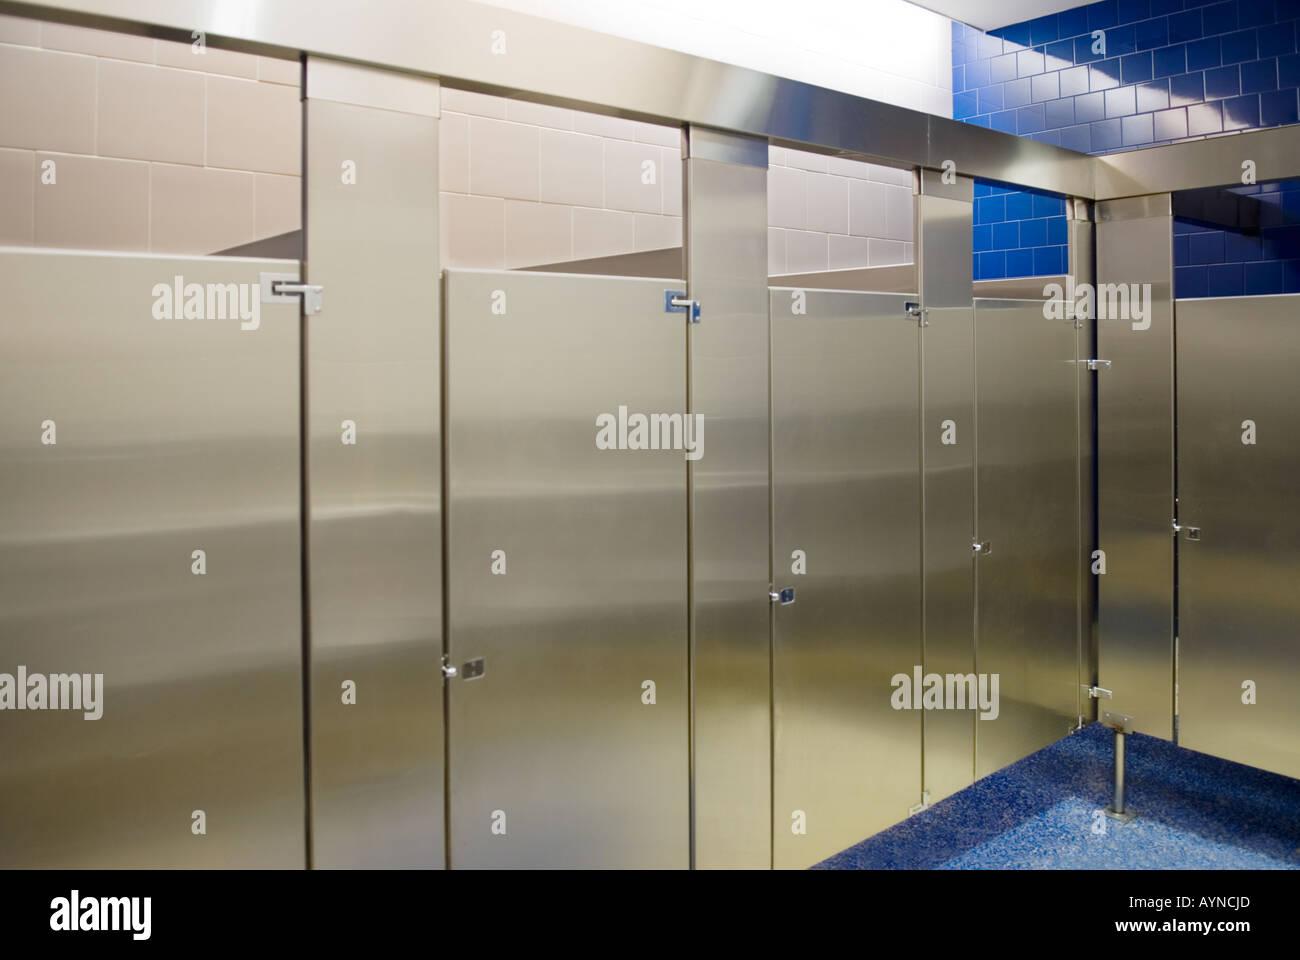 Il bagno pubblico si spegne tutto occupato Foto & Immagine Stock ...